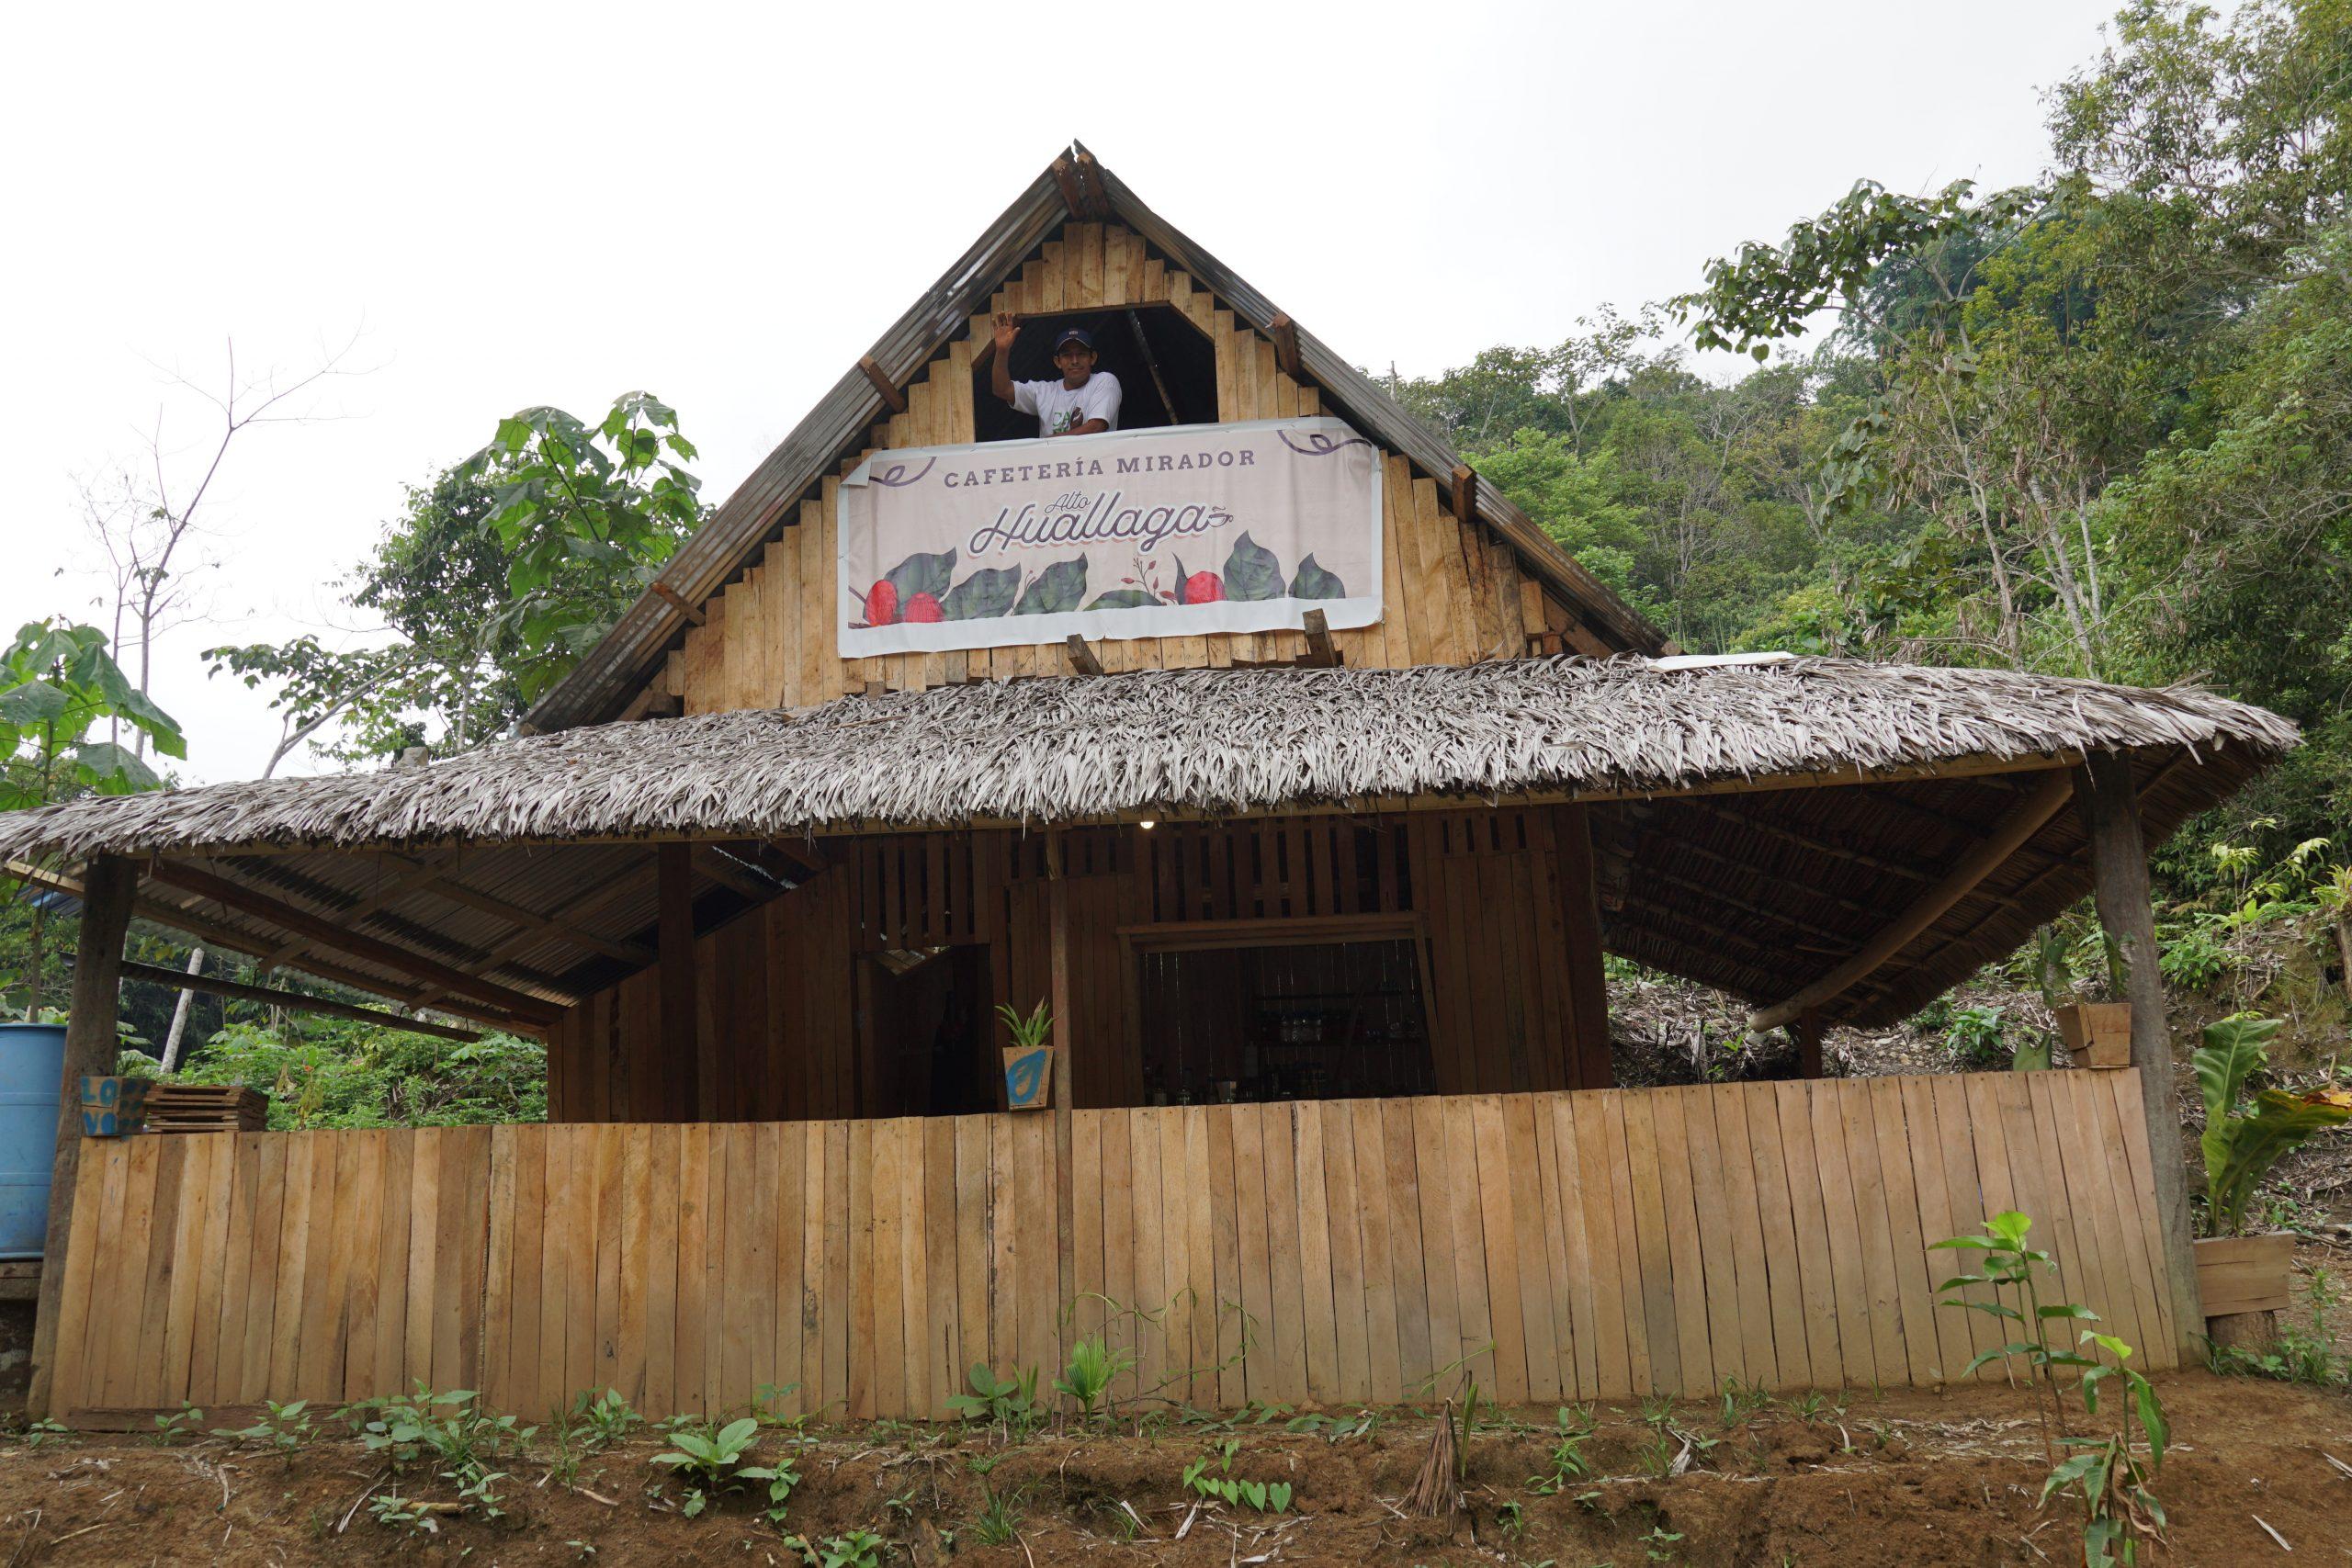 Cruz's coffee shop in central Peru